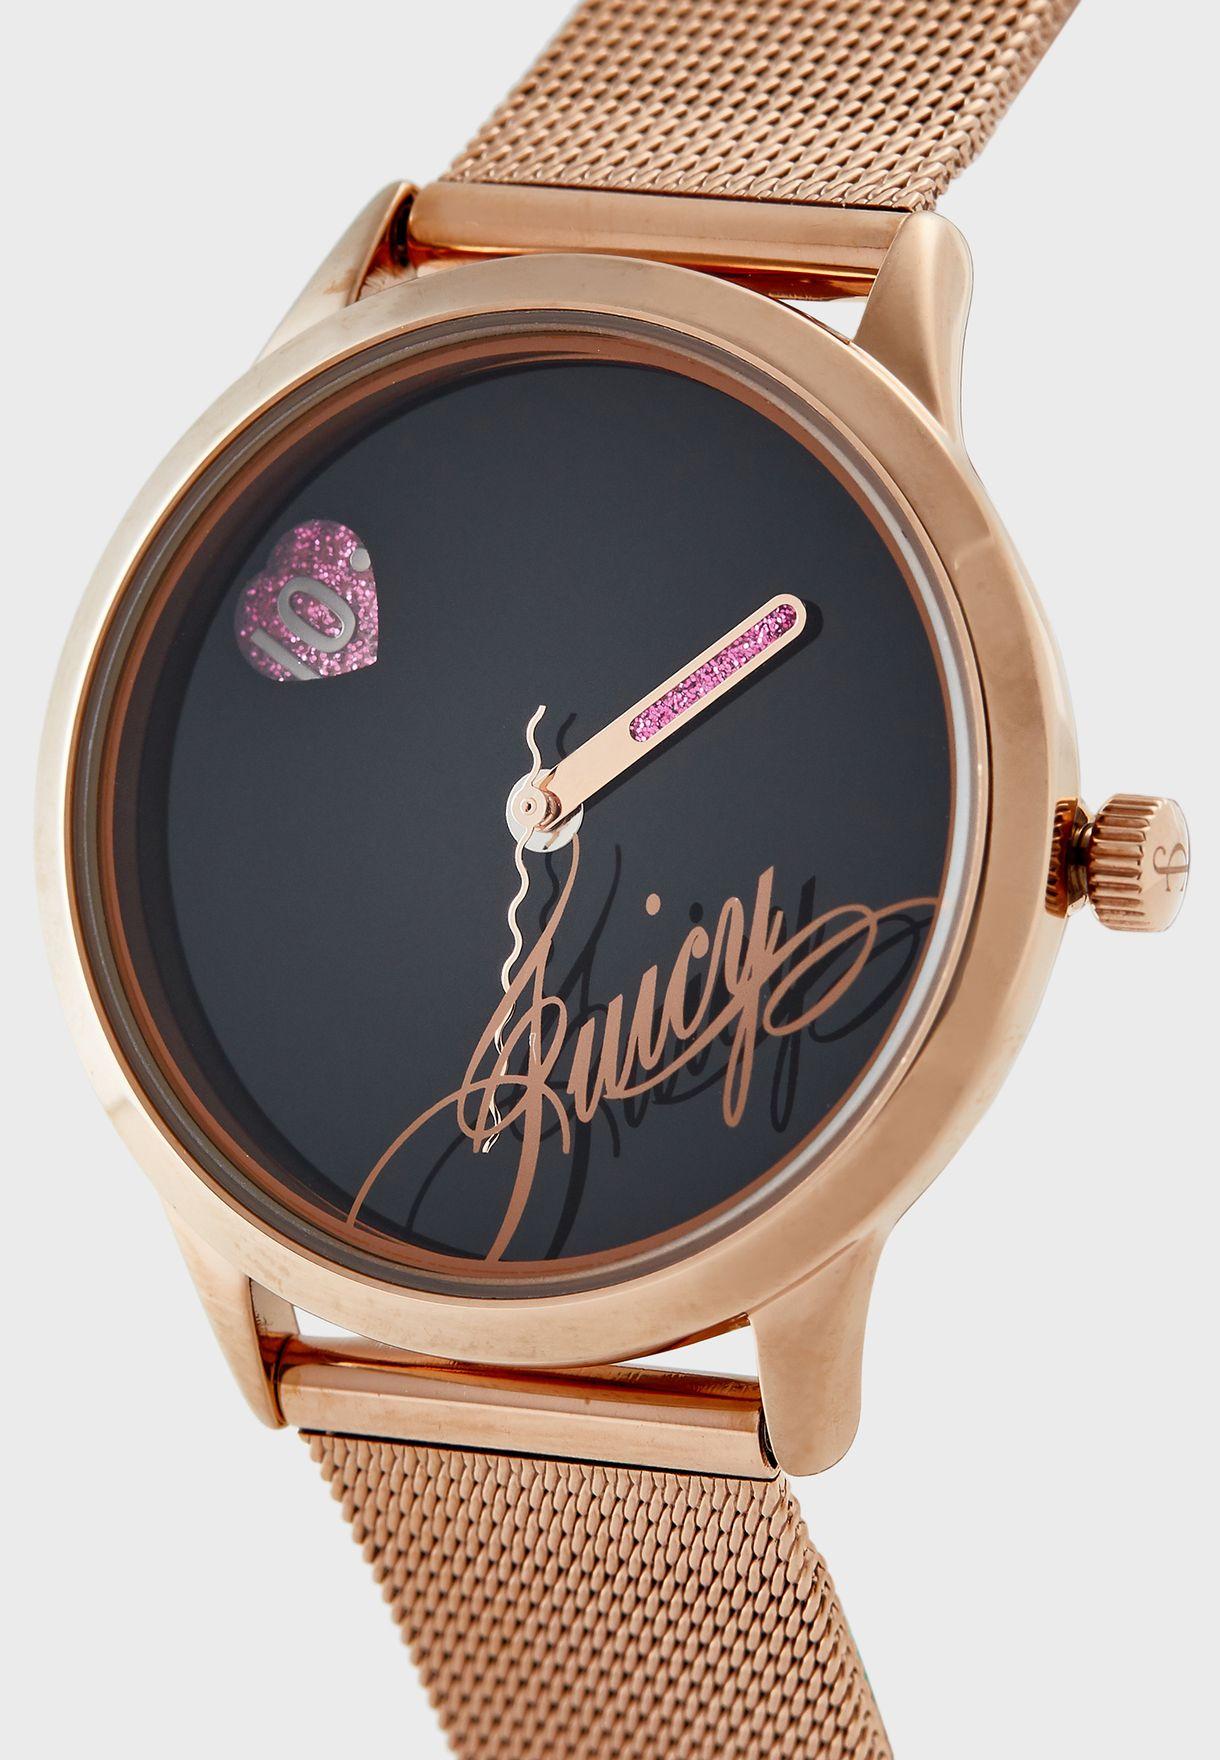 ساعة انالوج من مجموعة بلاك ليبل